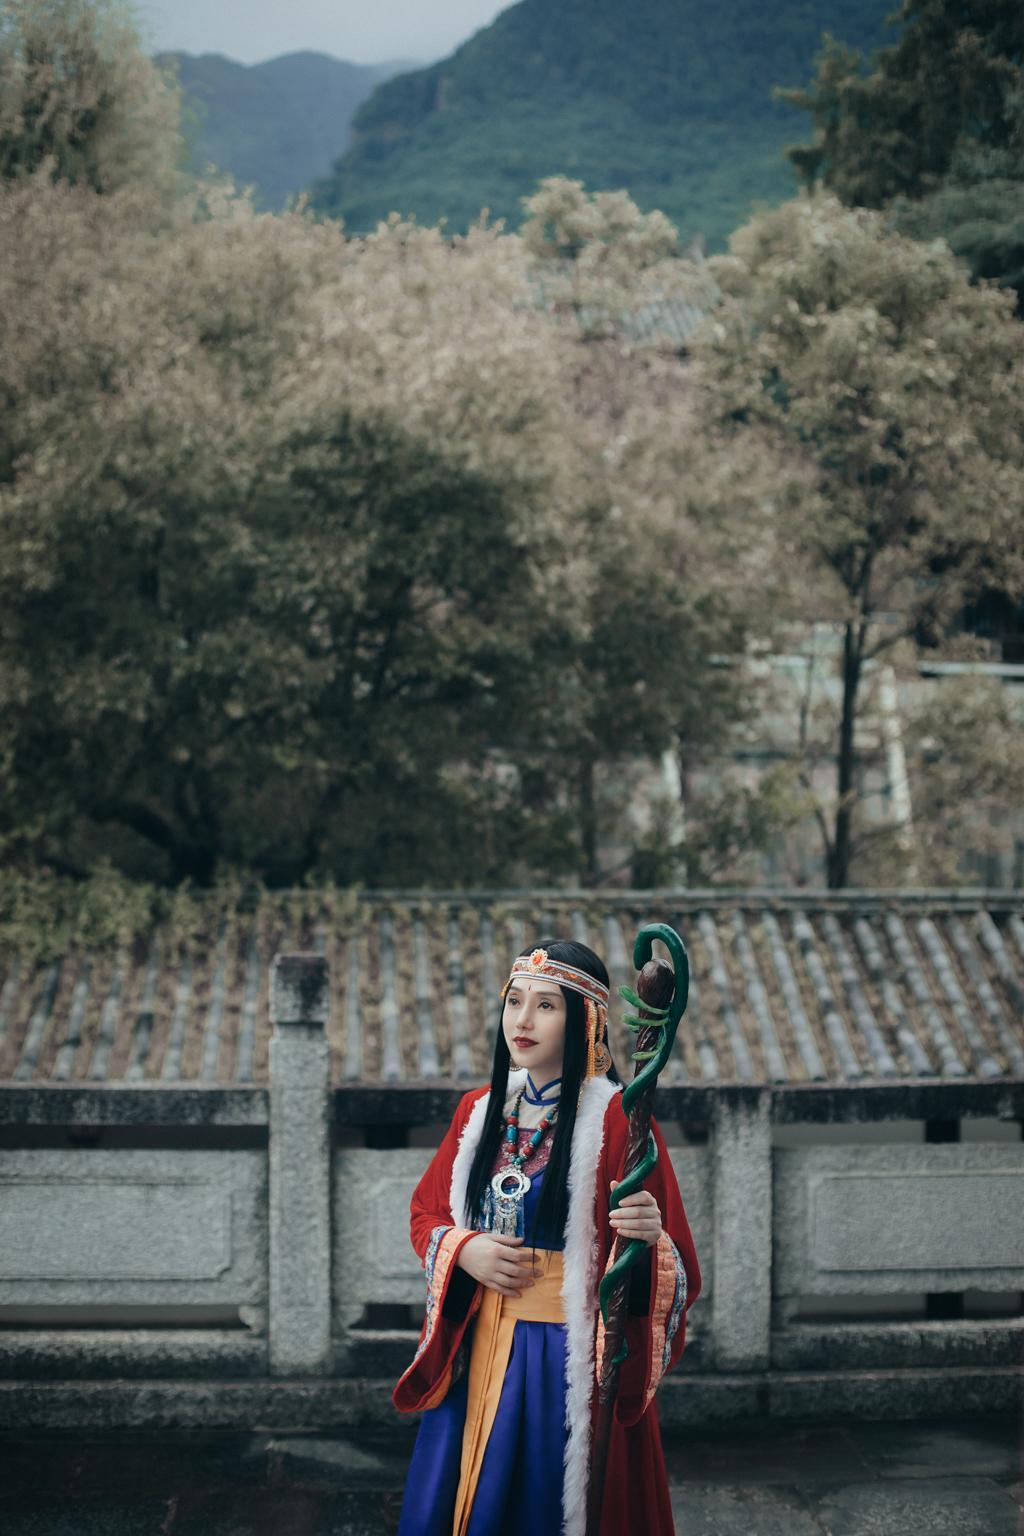 《仙剑奇侠传一》游戏cosplay【CN:水晶雪梨汁_雪梨】 -cosplay图片库插图